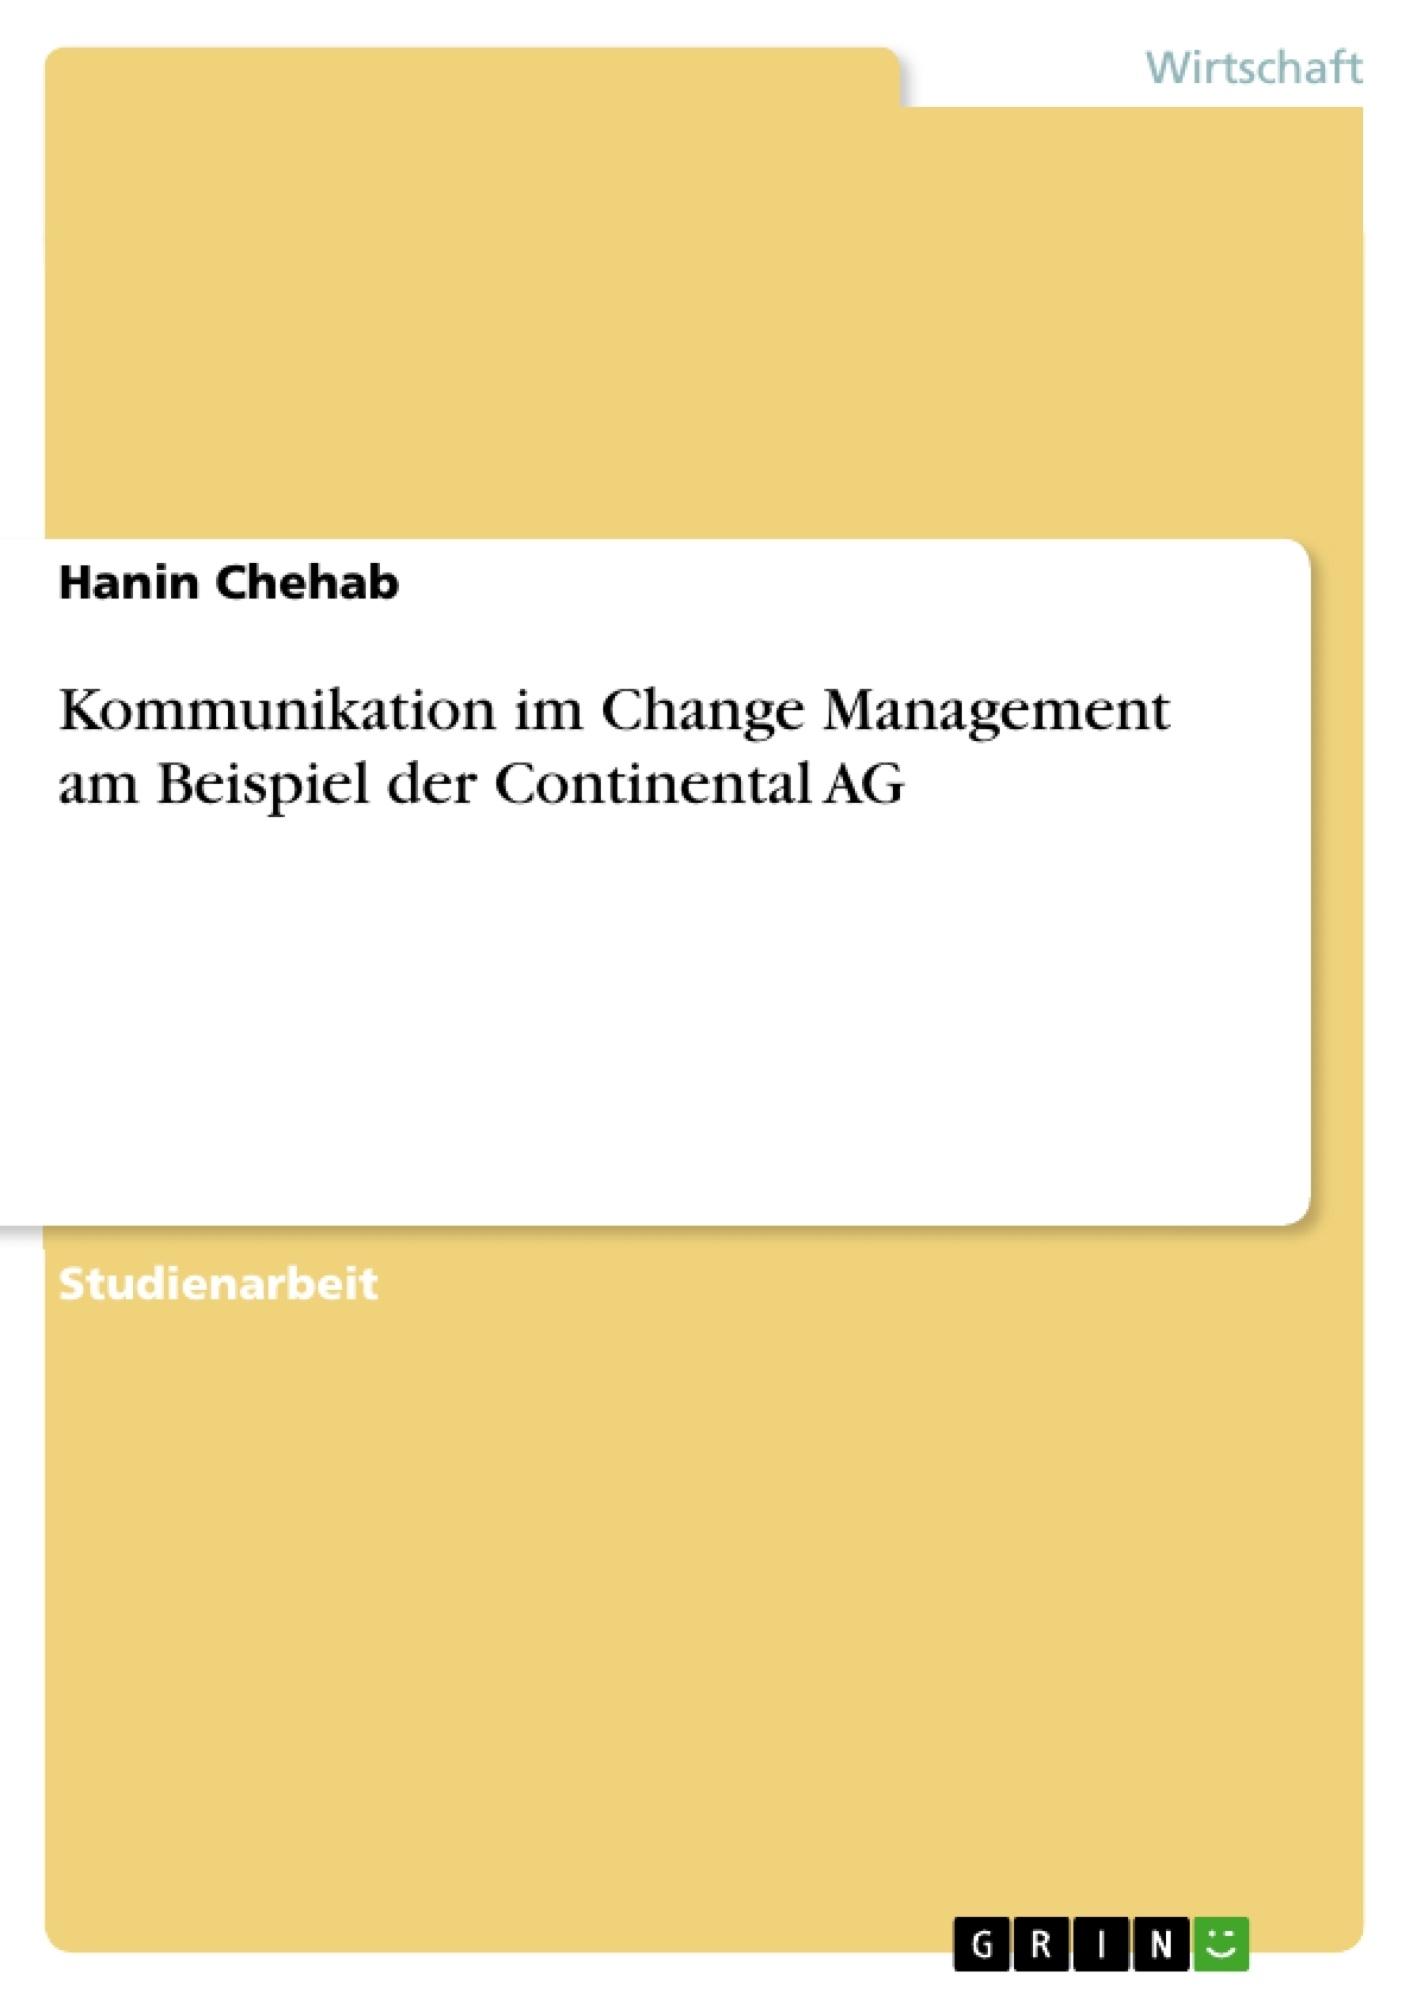 Titel: Kommunikation im Change Management am Beispiel der Continental AG